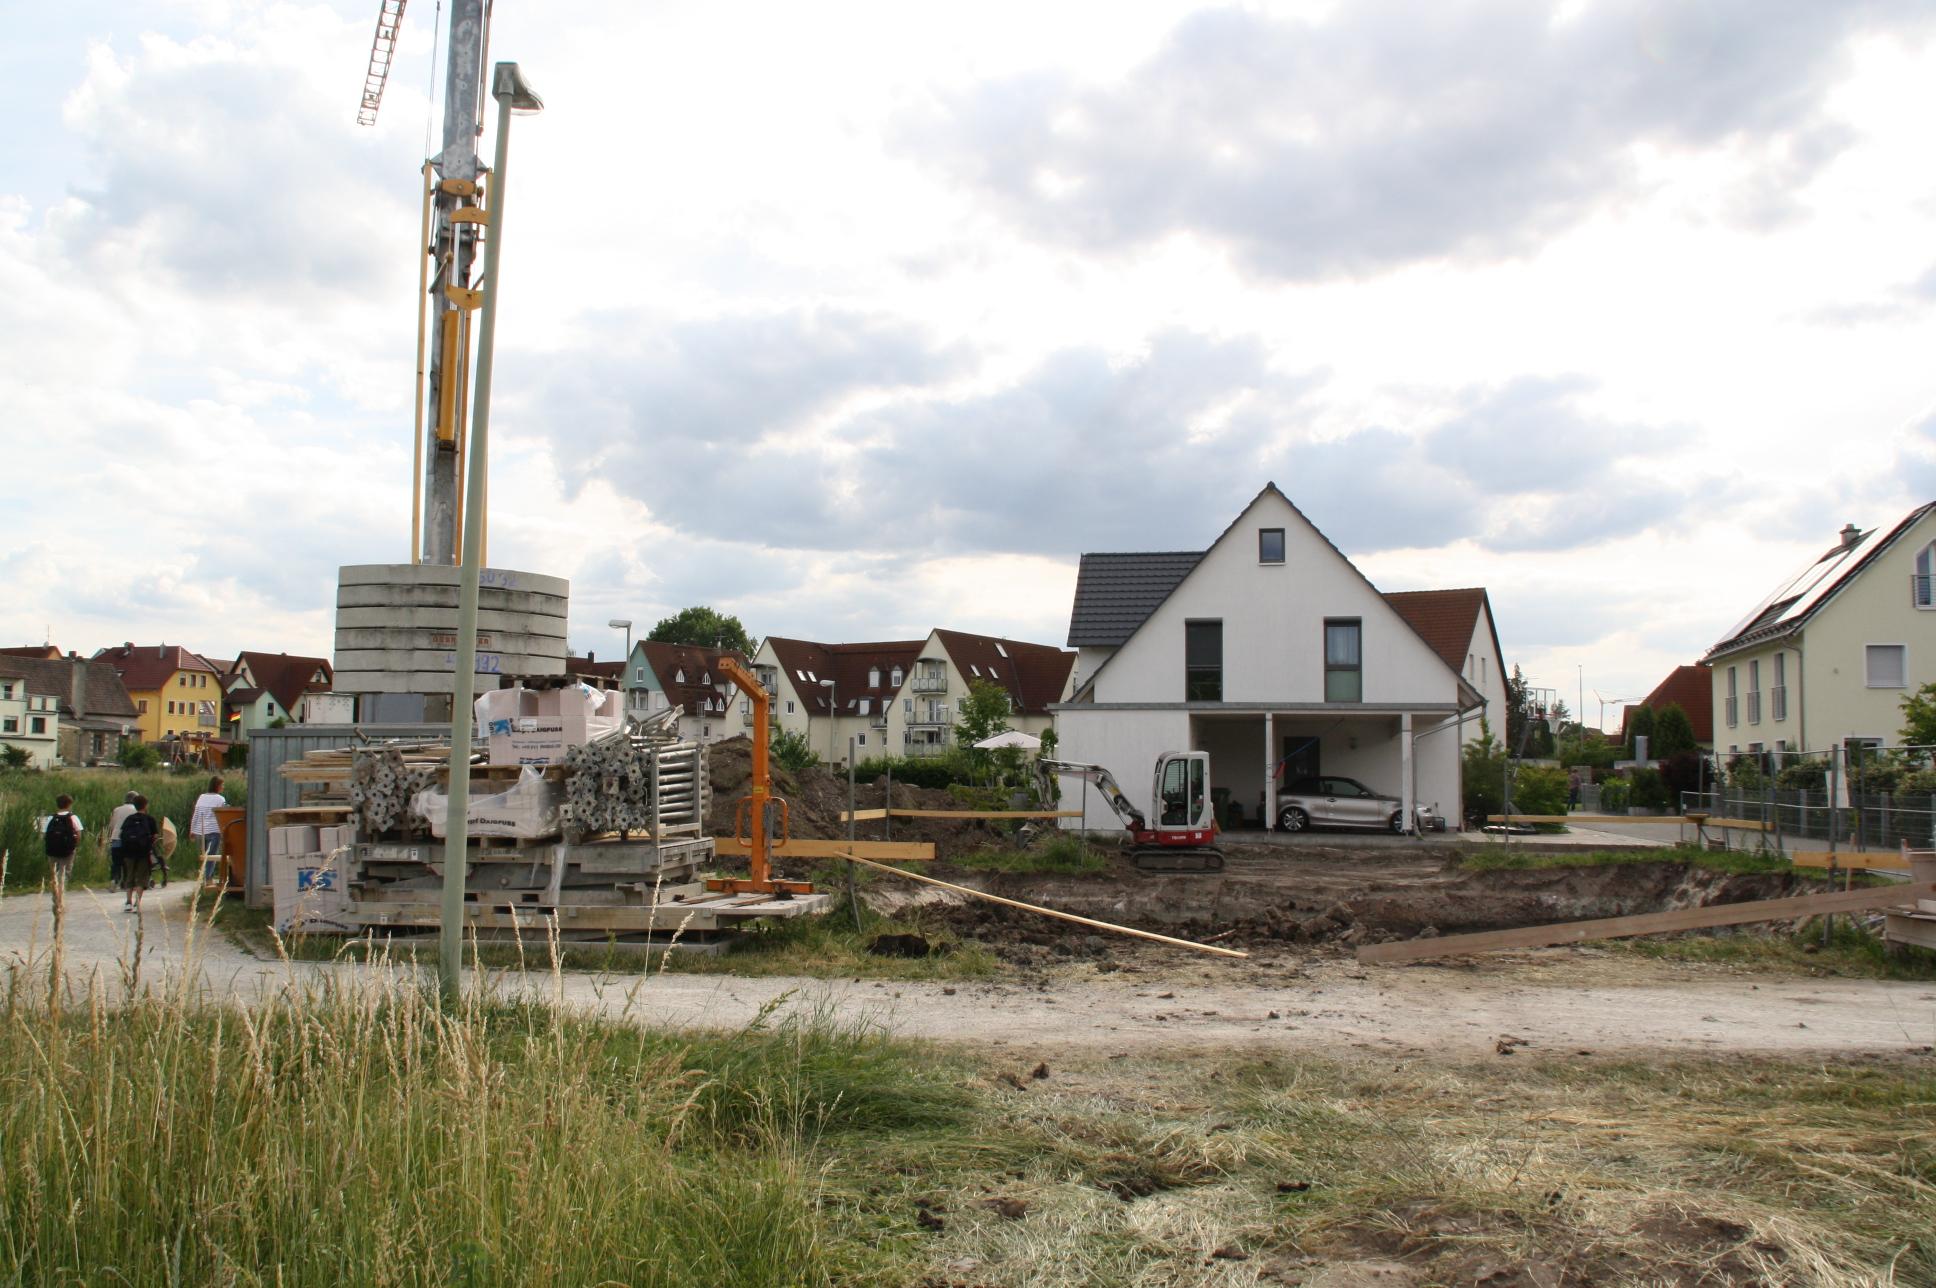 Im Bauausschuss wurde heftig diskutiert, wie stark verdichtet künftig gebaut werden soll.